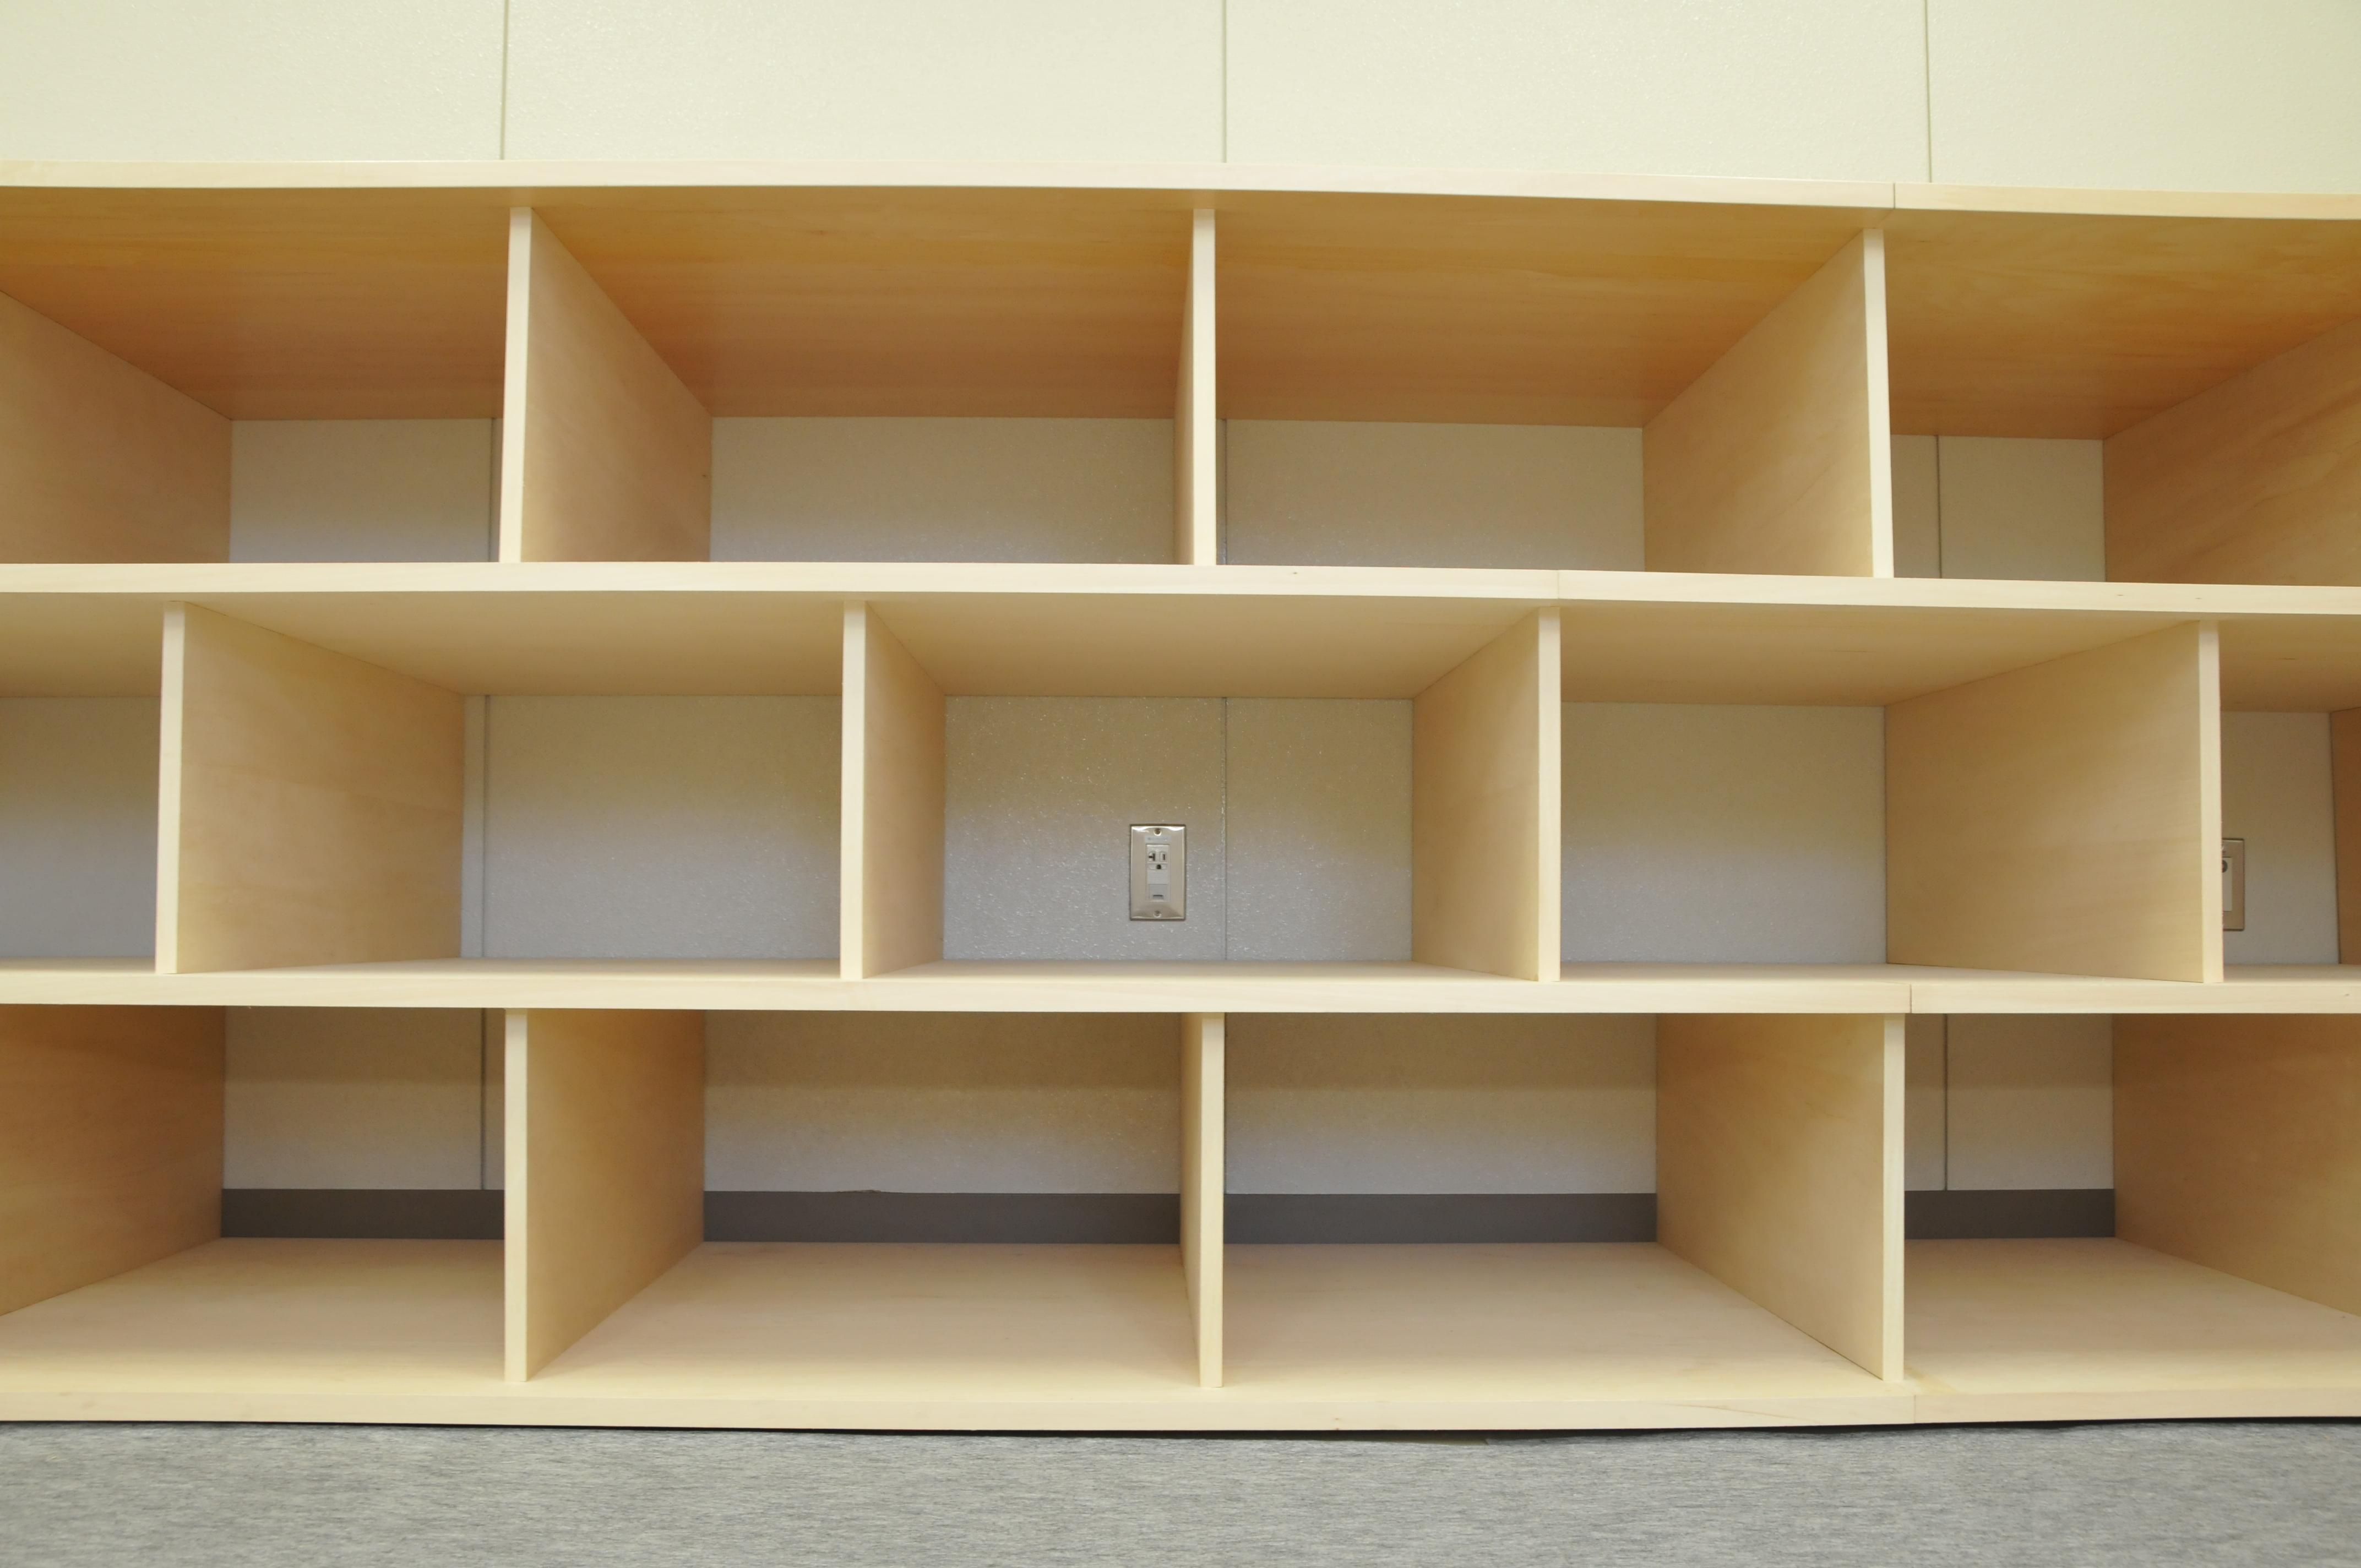 Box-room galleryとは